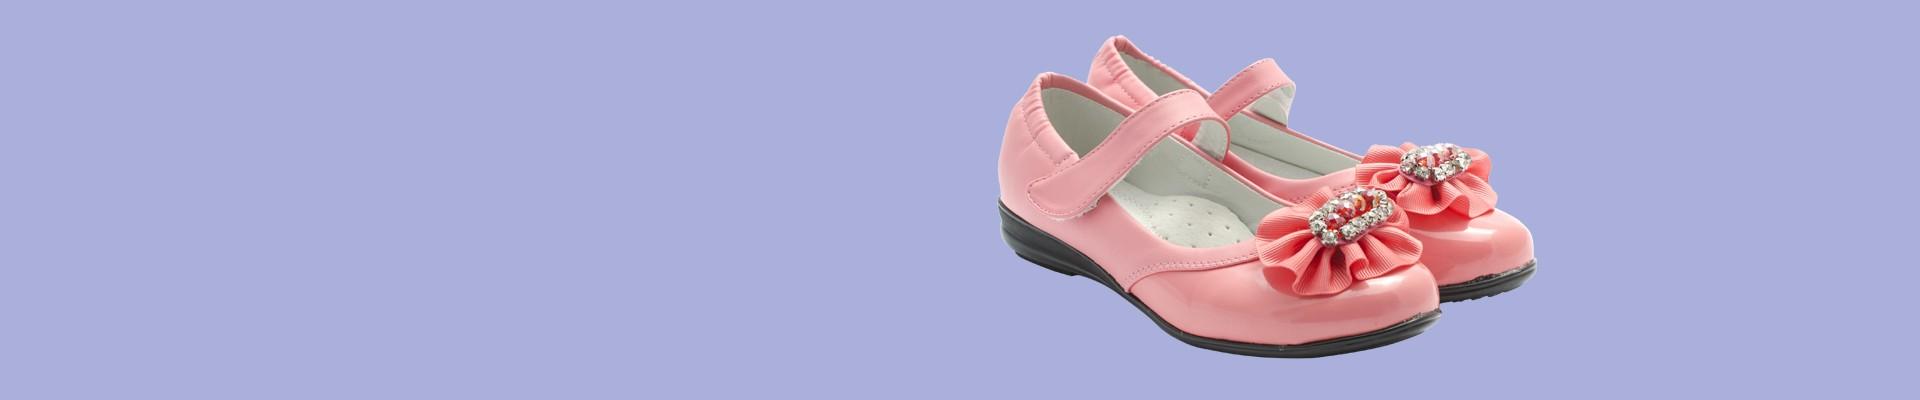 Jual Sepatu Pesta Anak Perempuan Online Terbaik